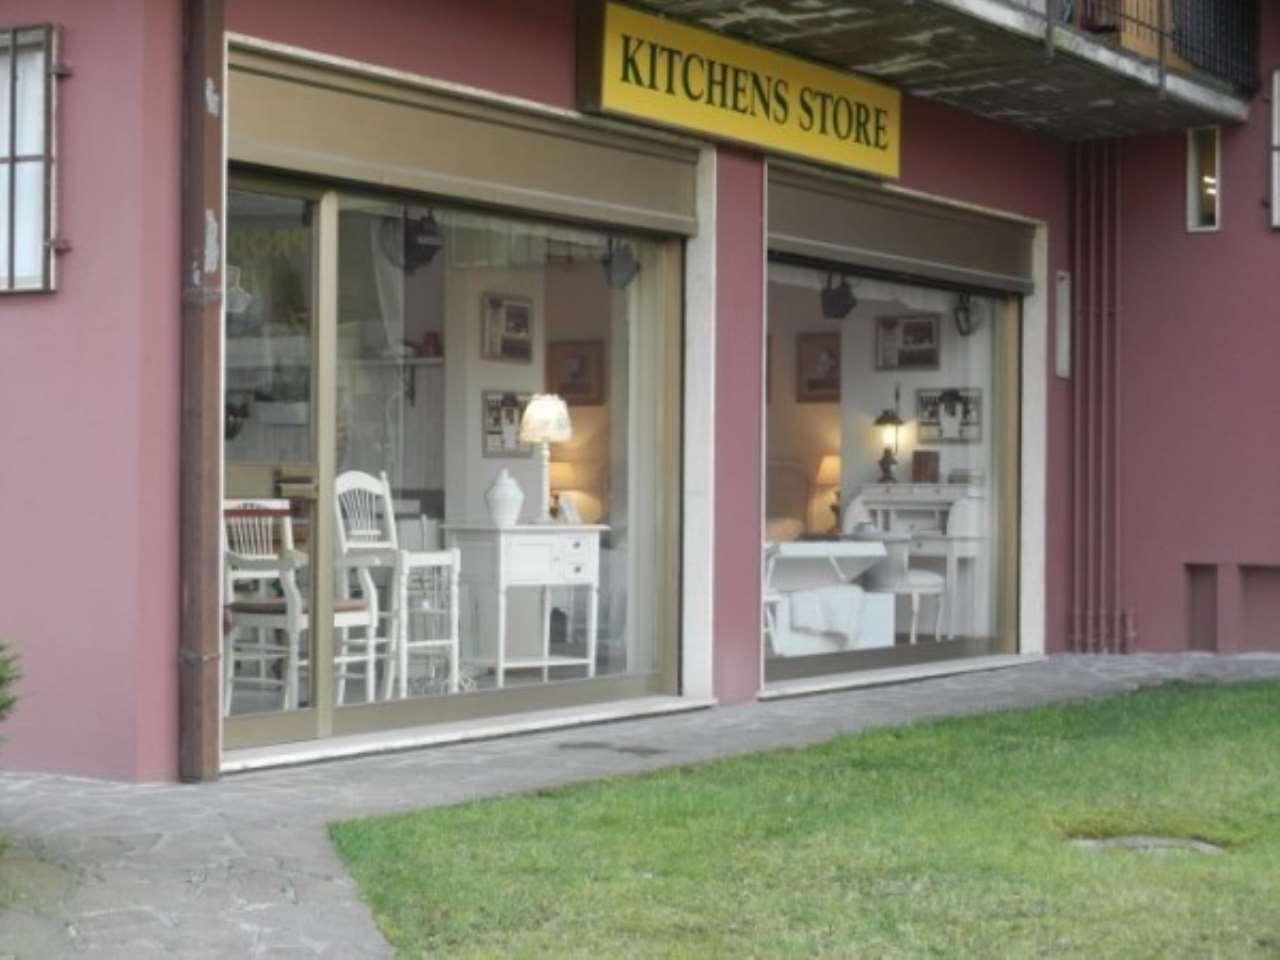 Negozio / Locale in vendita a Prevalle, 9999 locali, prezzo € 105.000 | CambioCasa.it